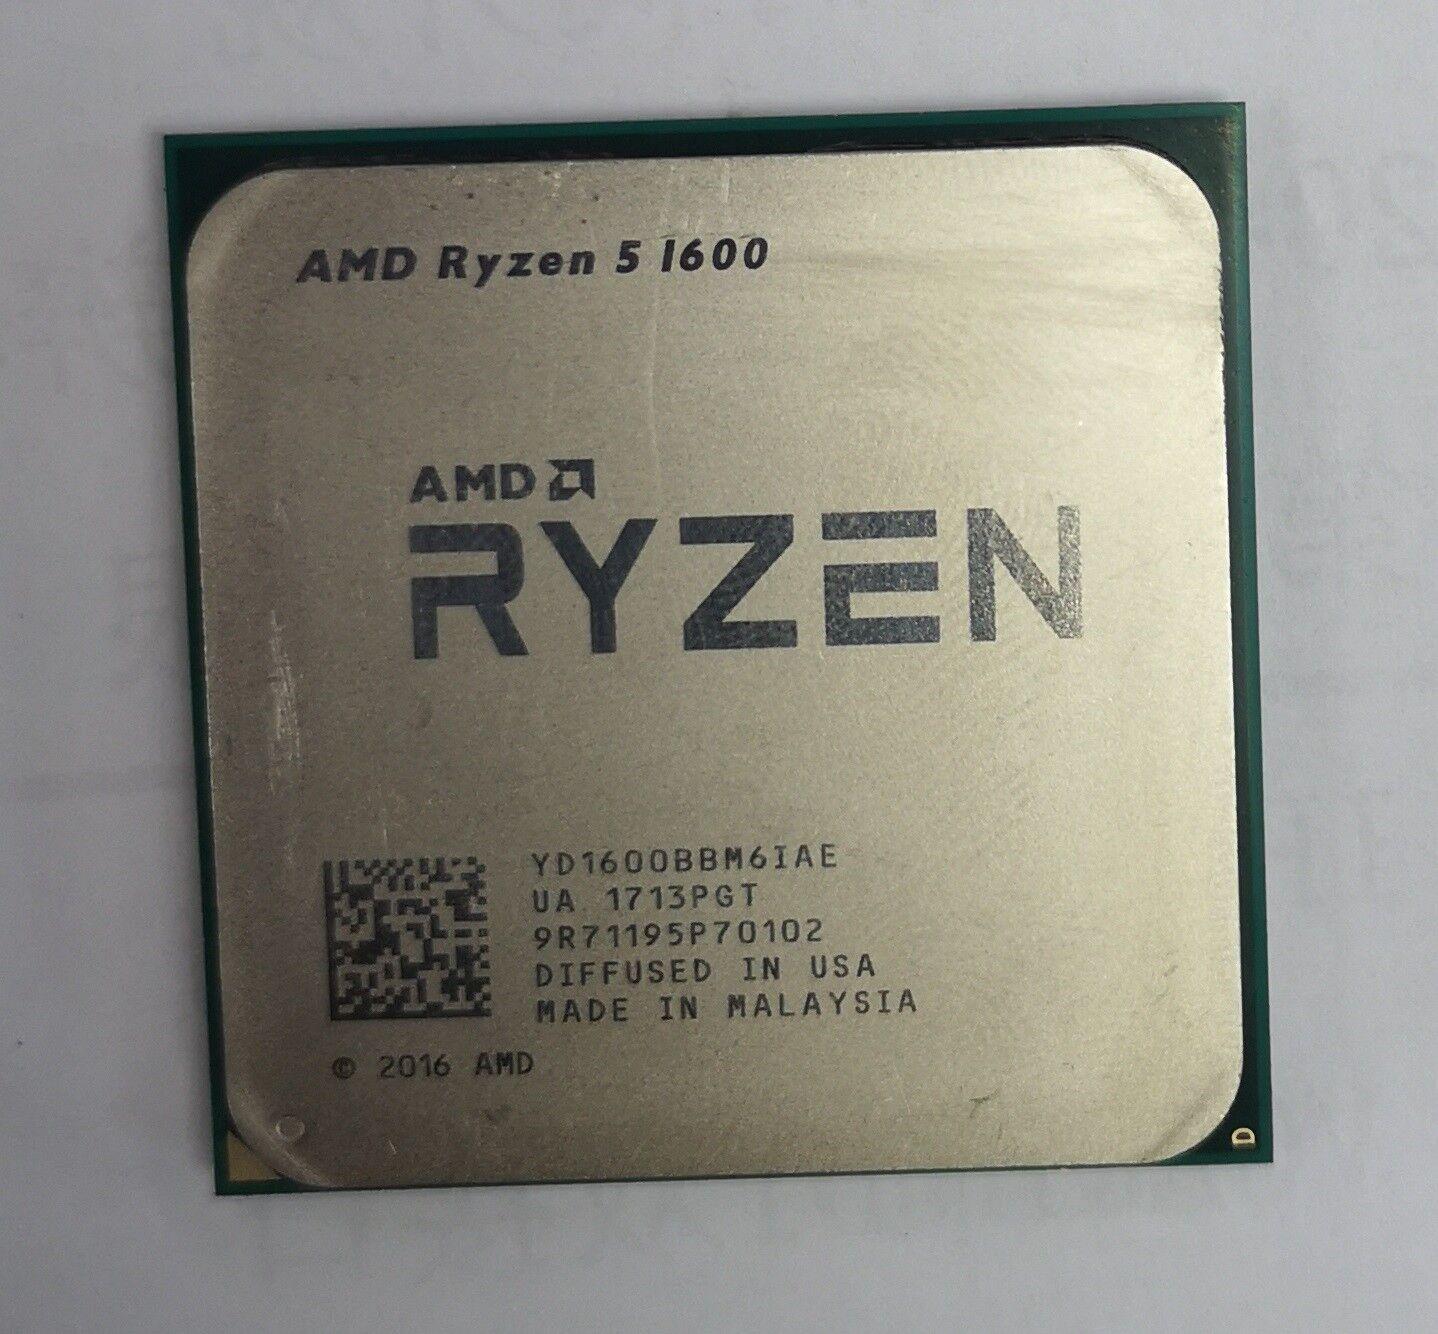 Amd Yd1600bbm6iae Ryzen 5 1600 Am4 Hexa Core 3 2 Ghz Gaming Processor For Sale Online Ebay